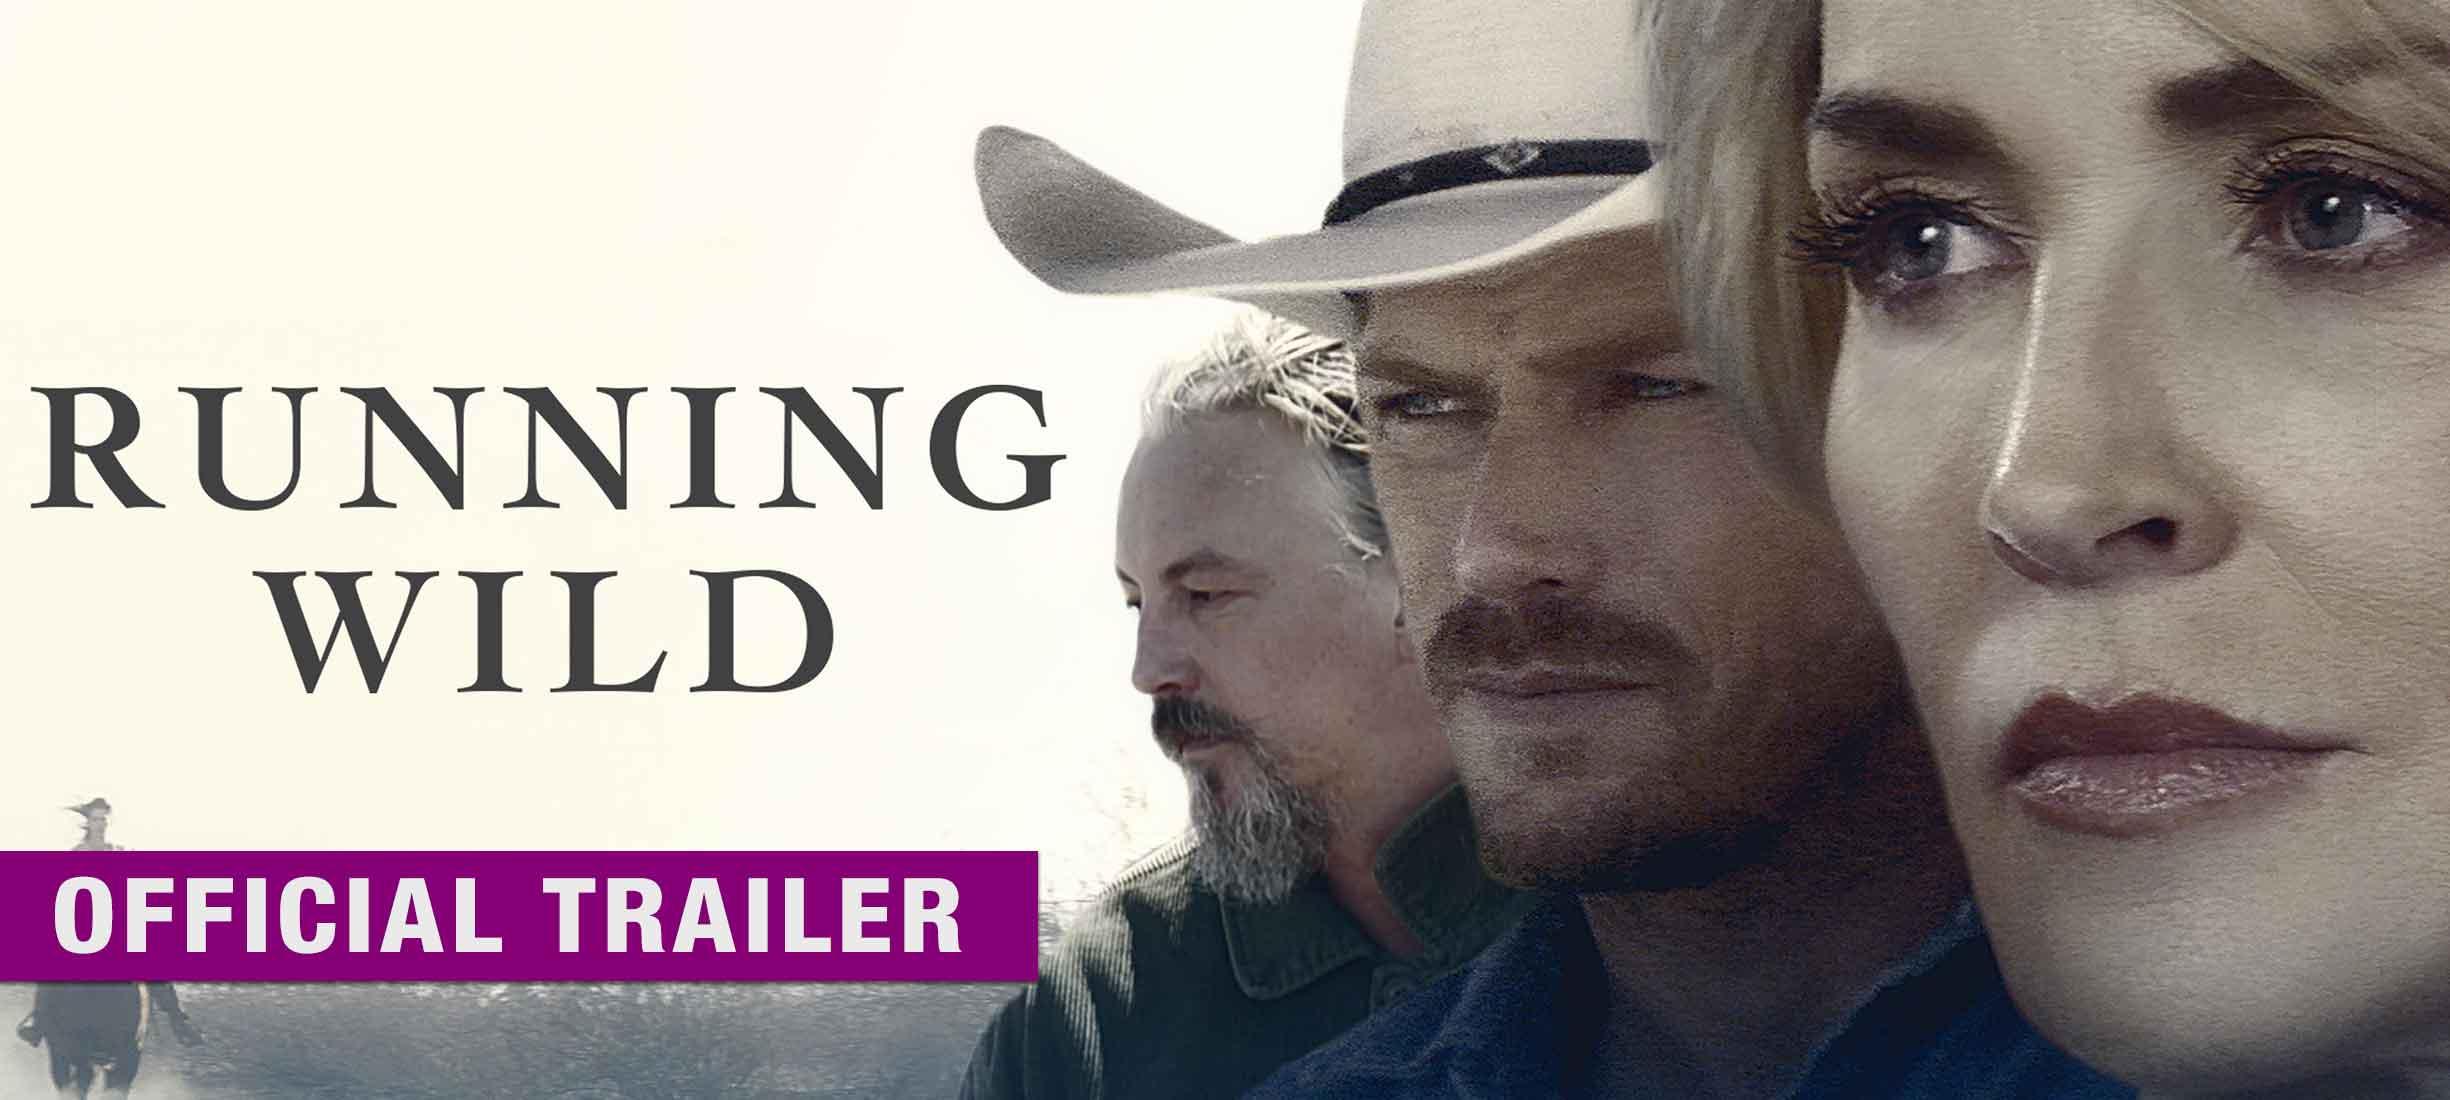 Running Wild: Trailer